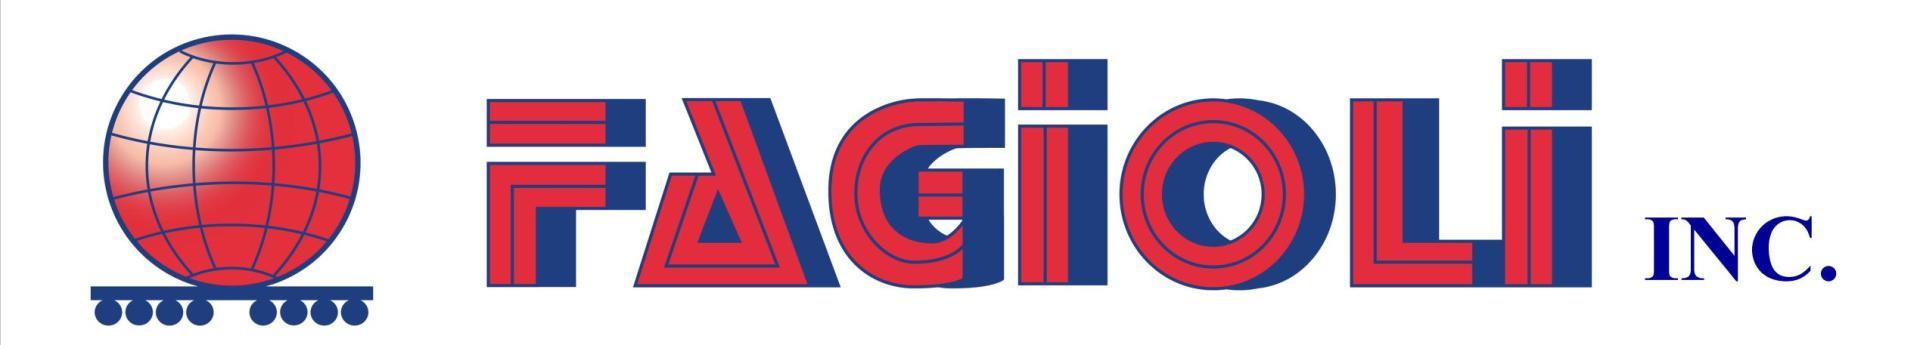 Fagioli.JPG-w2538-w1920.jpg